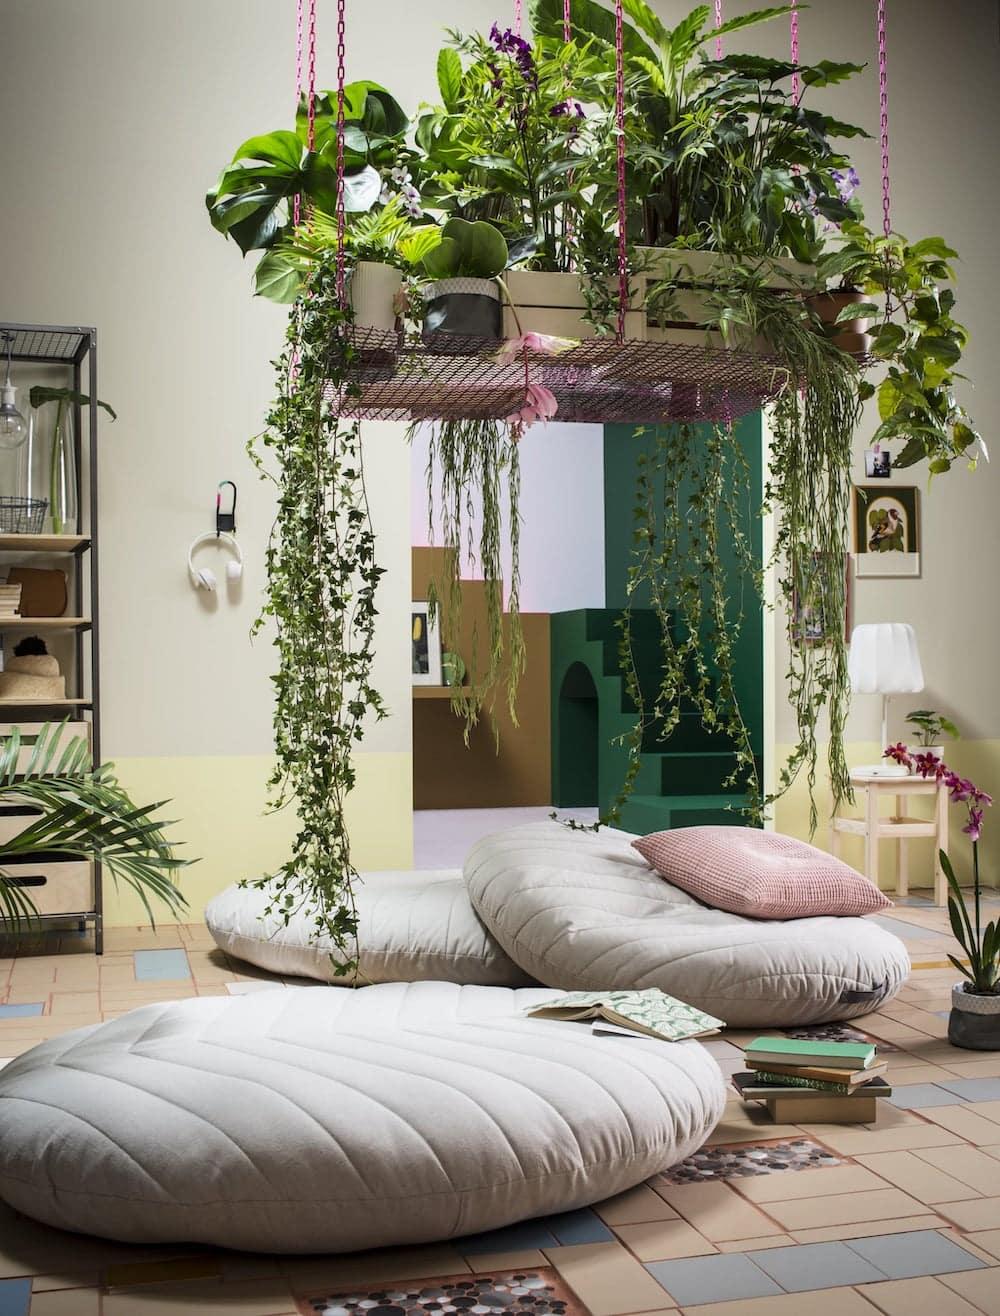 комнатные растения в интерьере фото 29